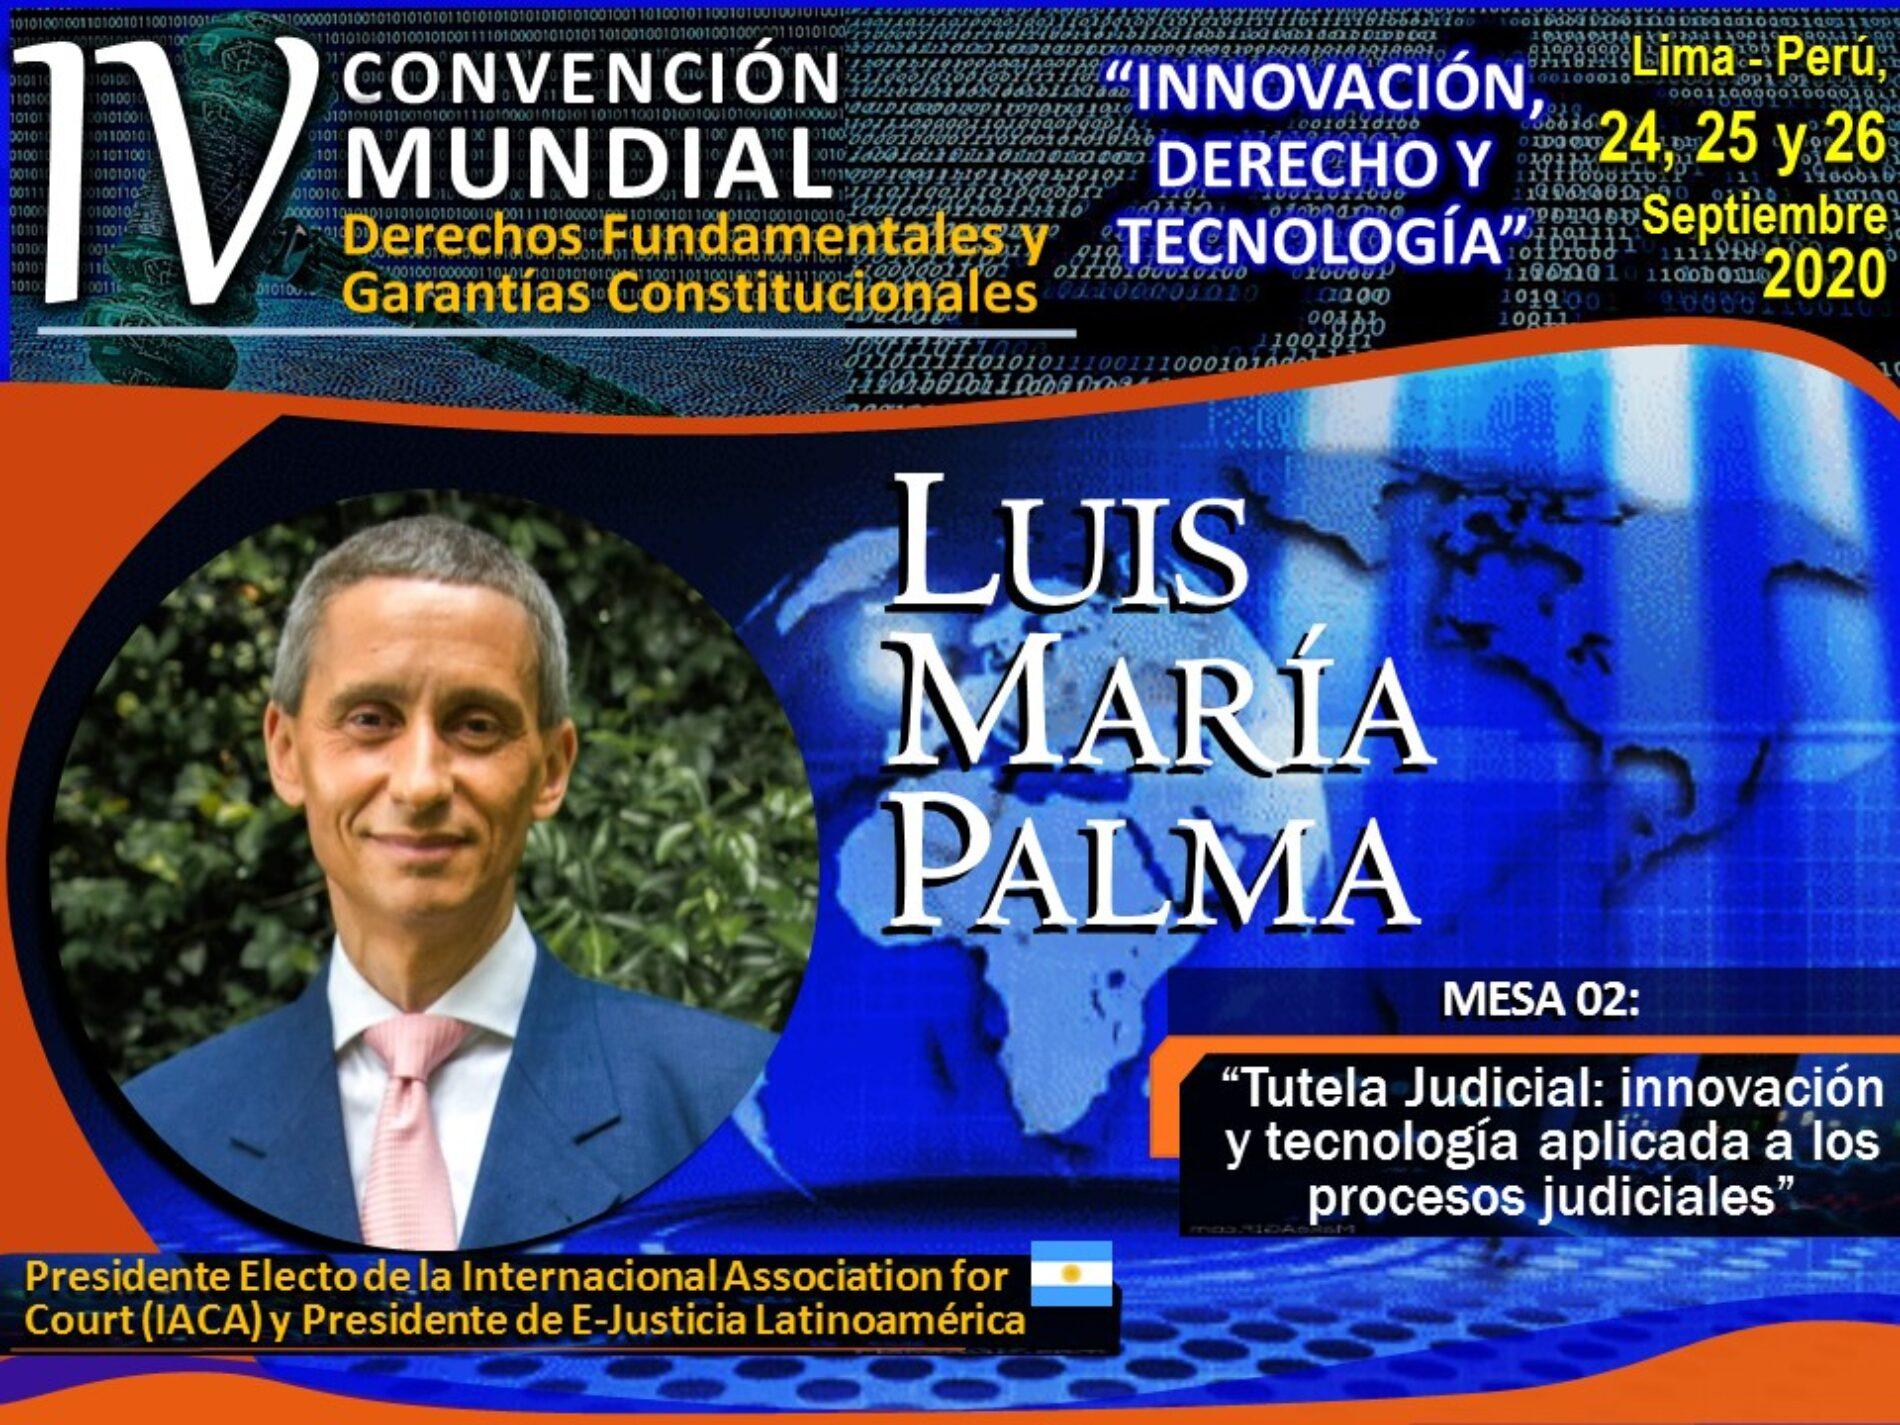 IV Convención Mundial de Derechos Fundamentales y Garantías Constitucionales: «INNOVACIÓN, DERECHO Y TECNOLOGÍA».